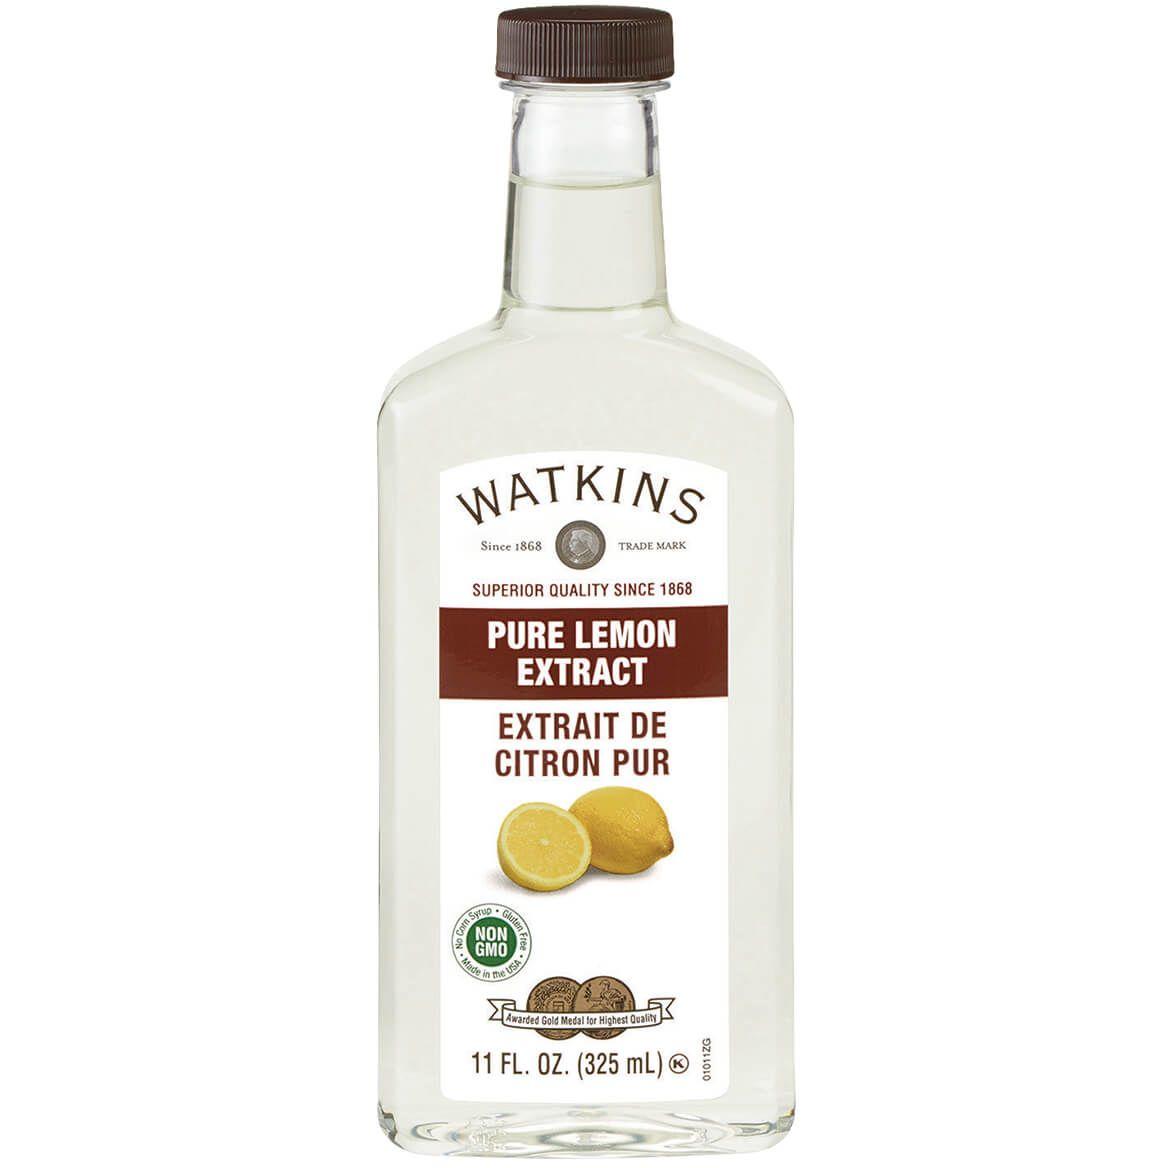 Watkins 11 oz Lemon Extract-368472